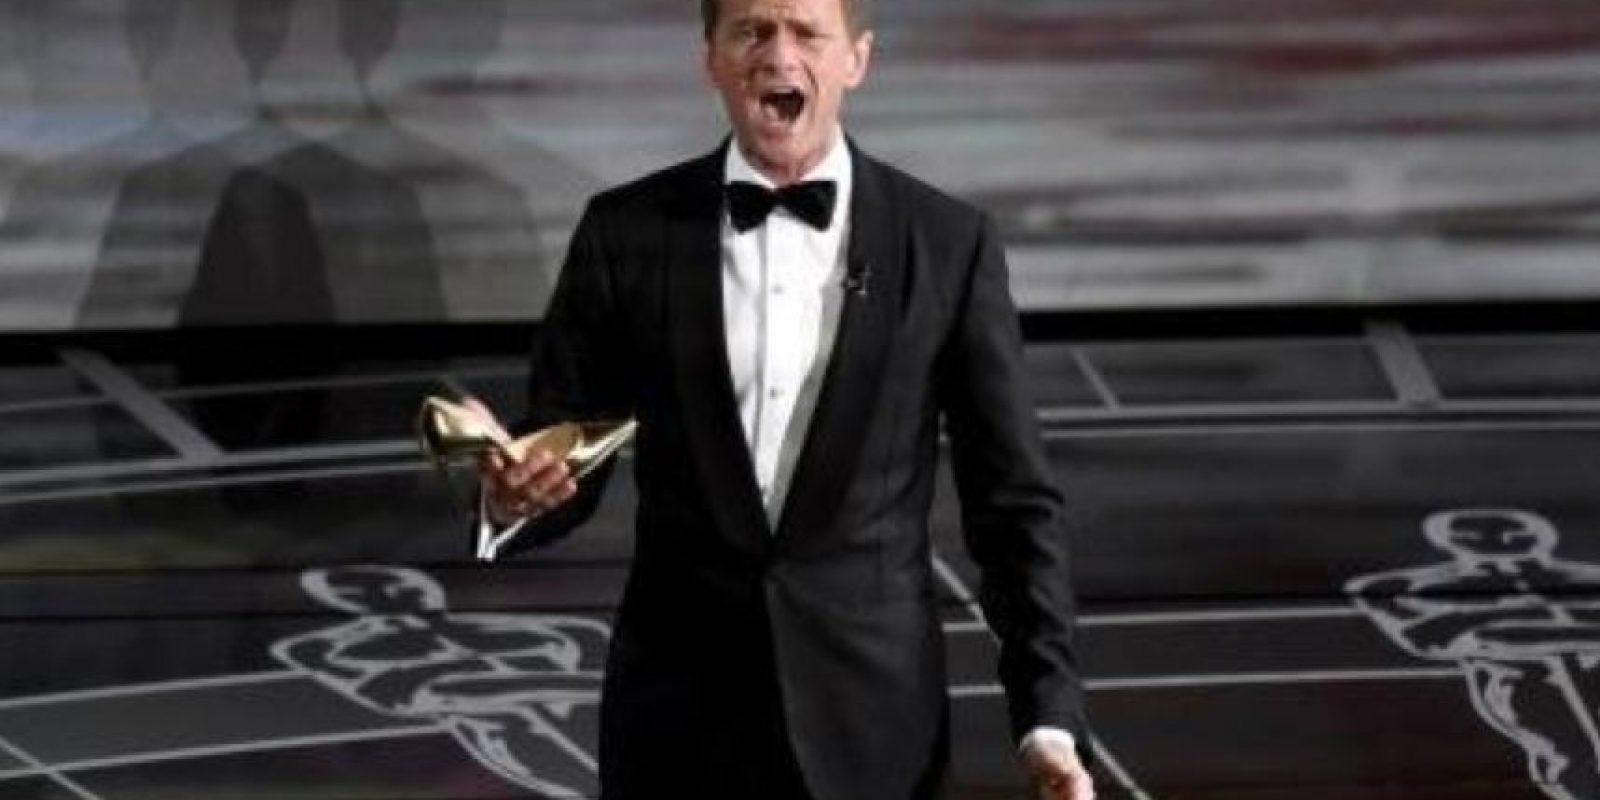 Aunque Neil Patrick Harris ha demostrado ser un gran comediante en televisión, para los internautas no ha hecho casi gran cosa. Foto:Getty Images